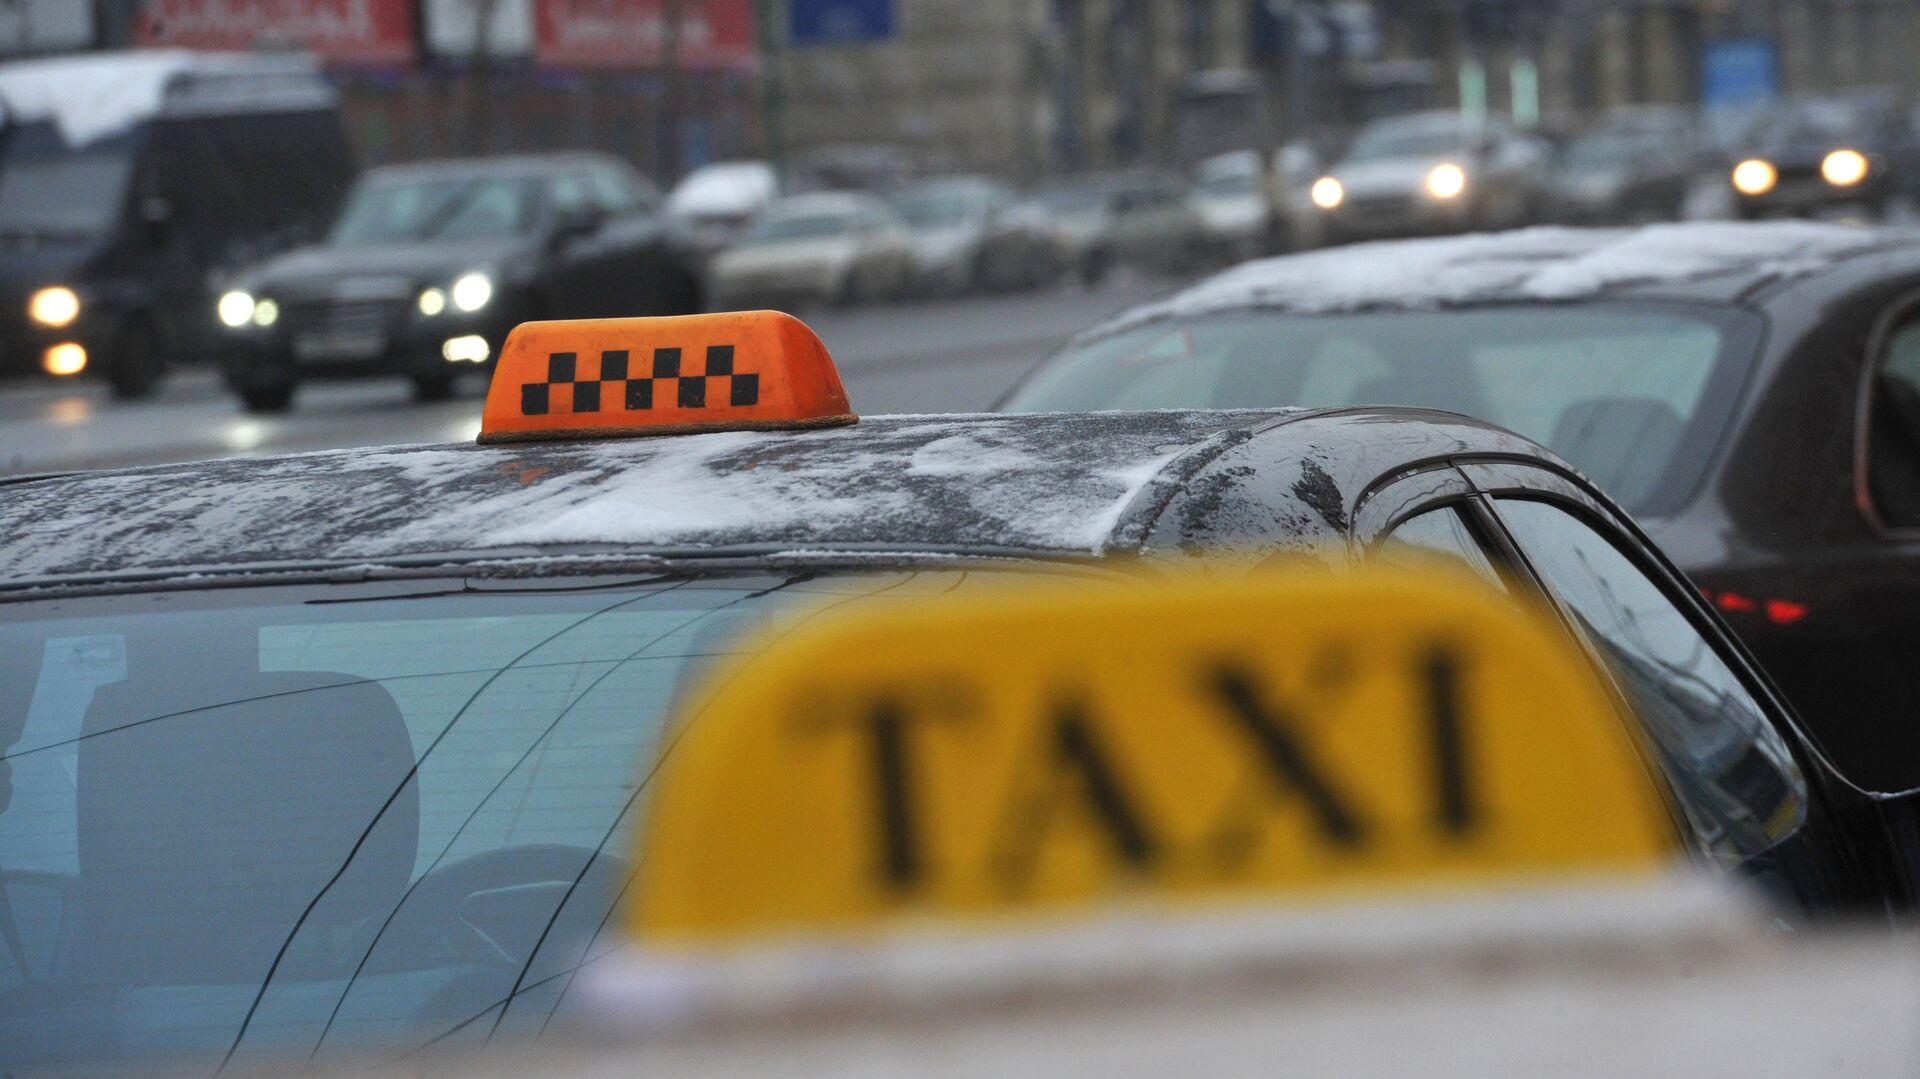 Такси на улице города - РИА Новости, 1920, 19.07.2021